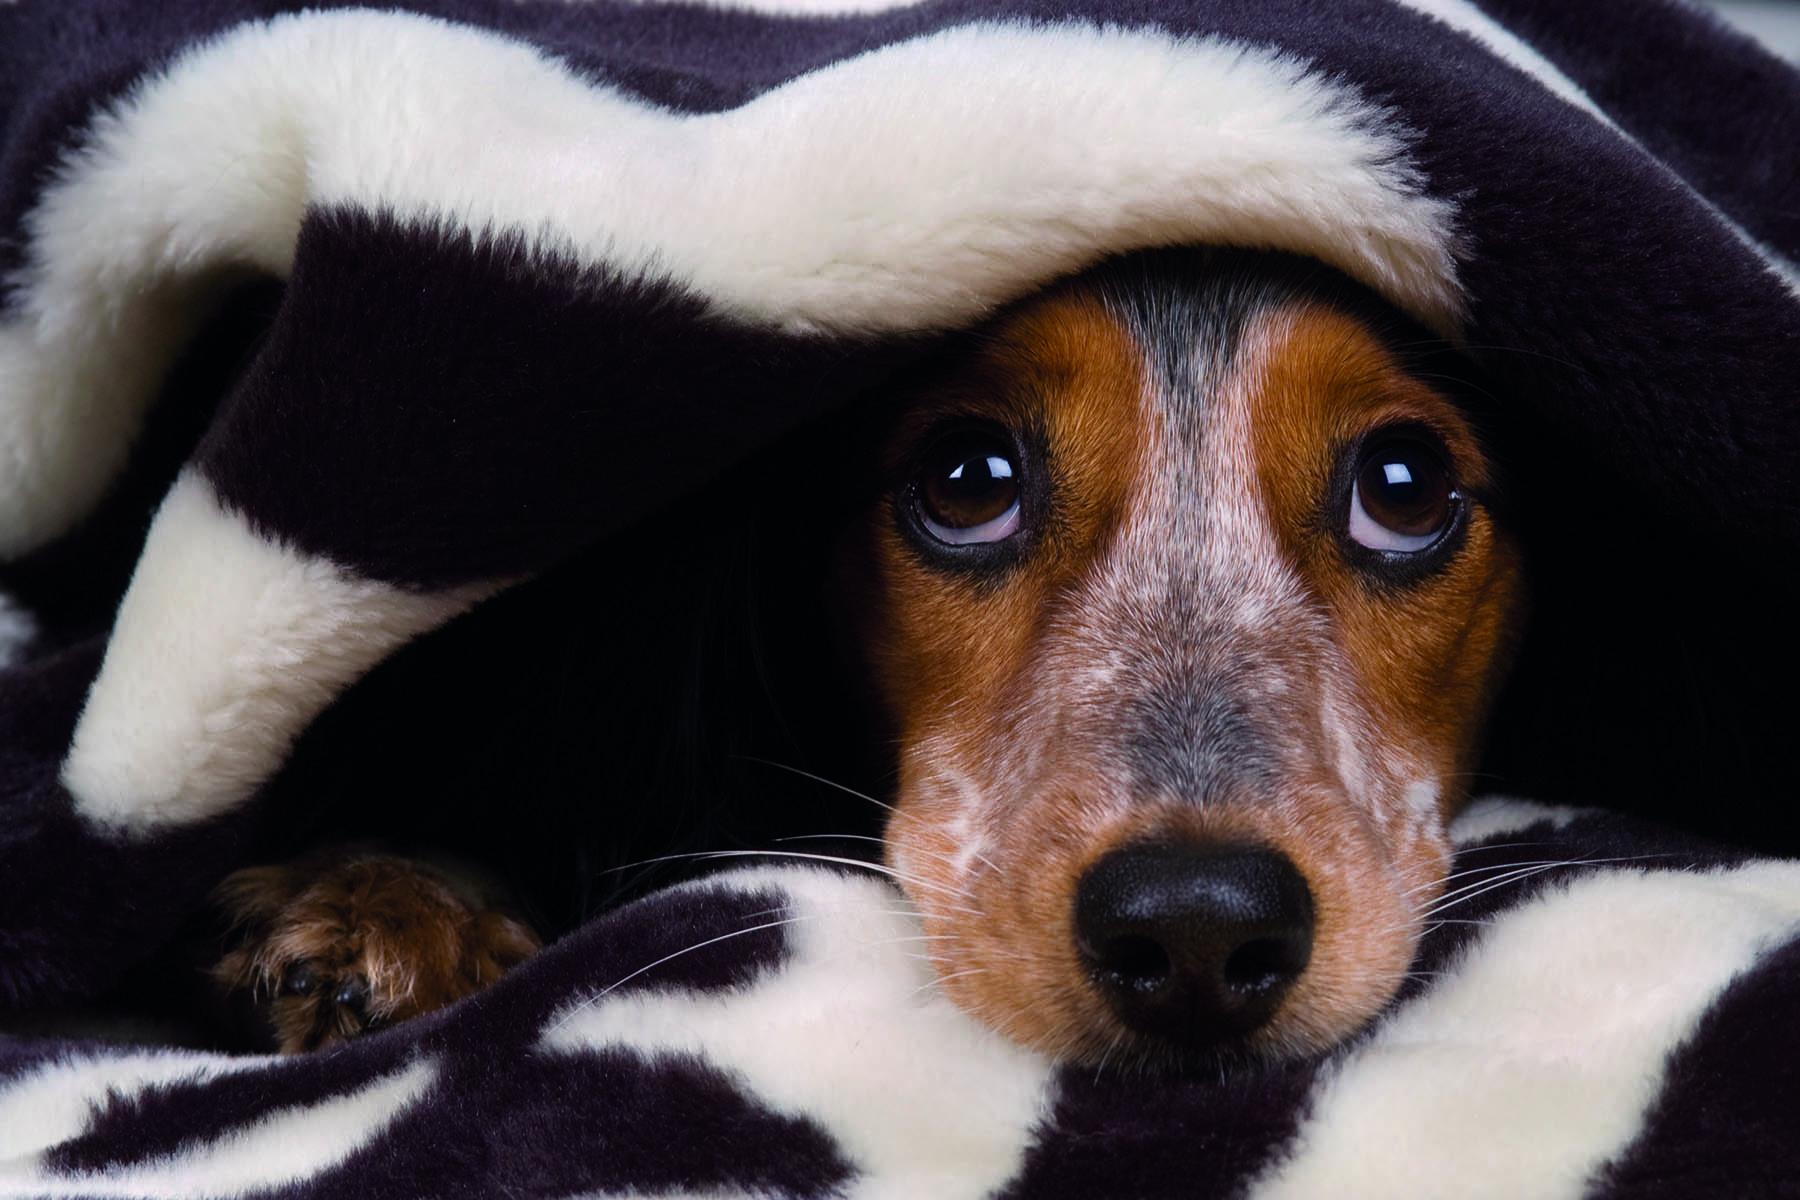 En rädd hundvalp som tittar fram under en filt